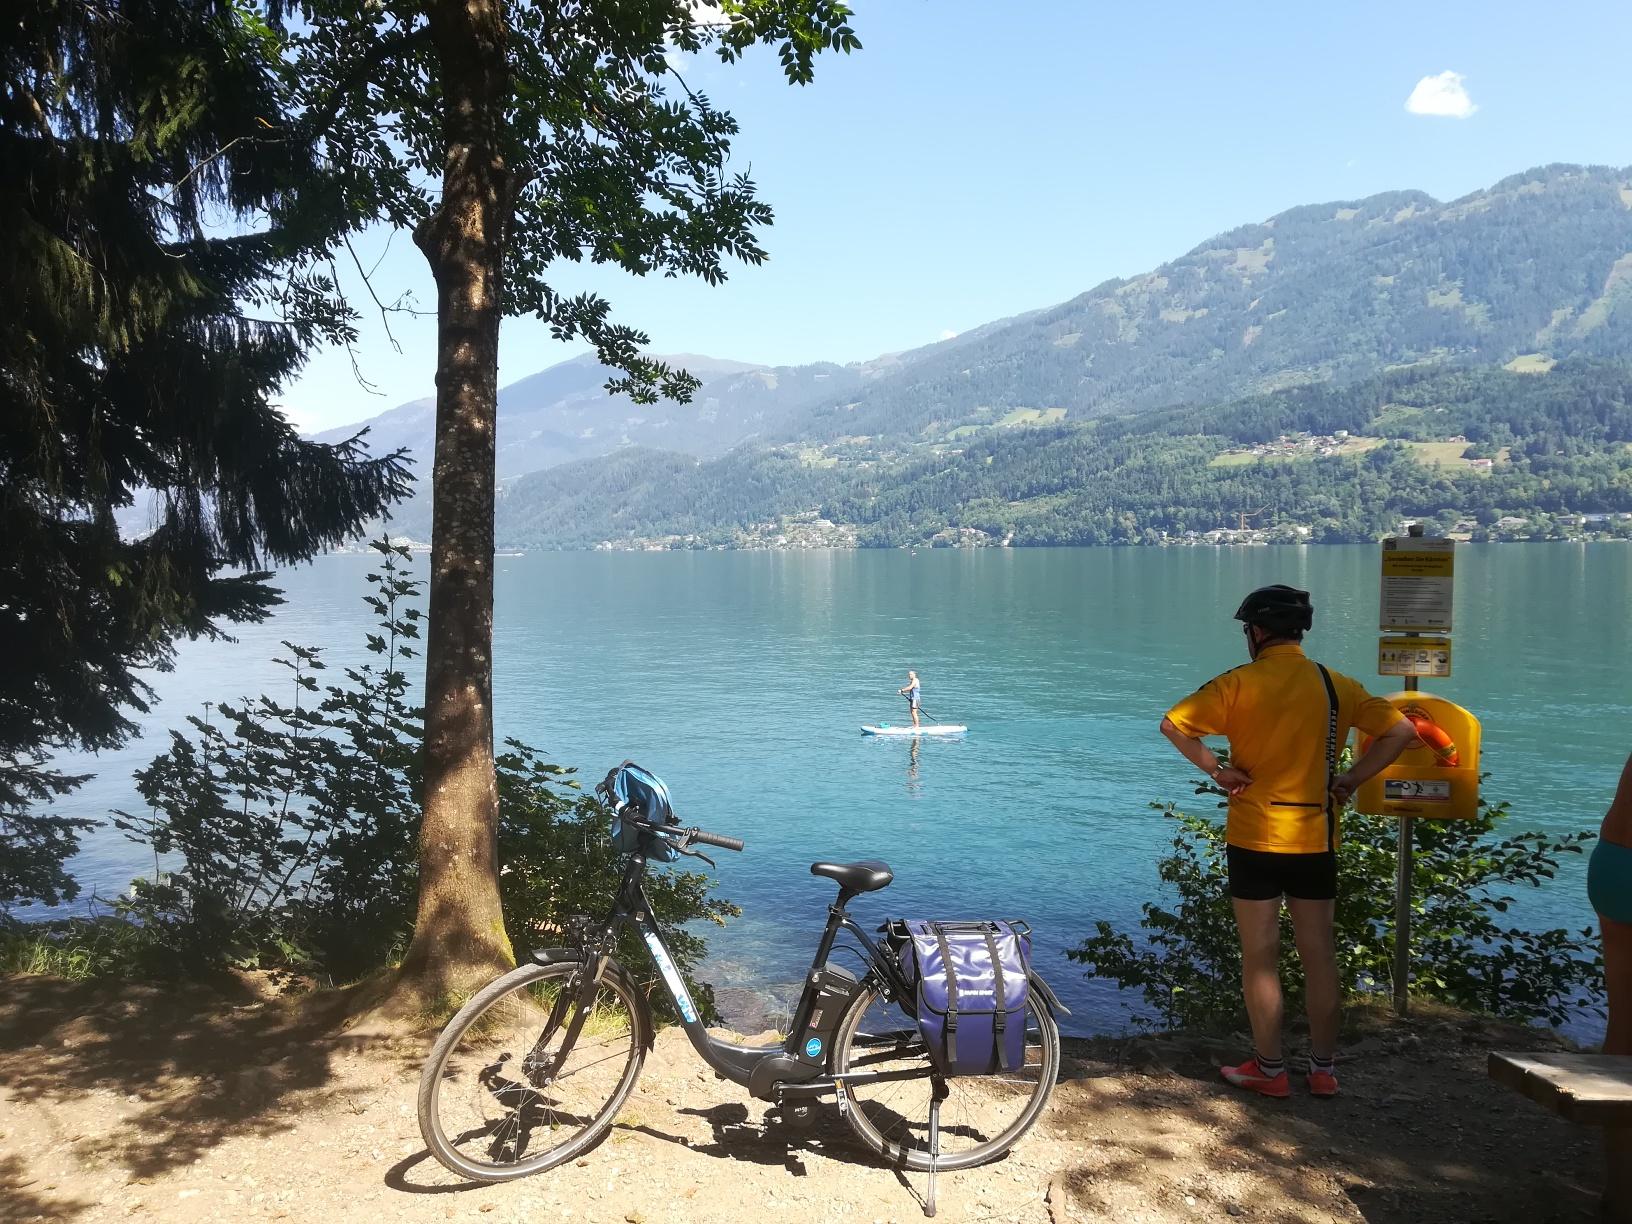 traumhafte Radtouren in Kärnten- den Millstätter See mit dem Rad erkunden